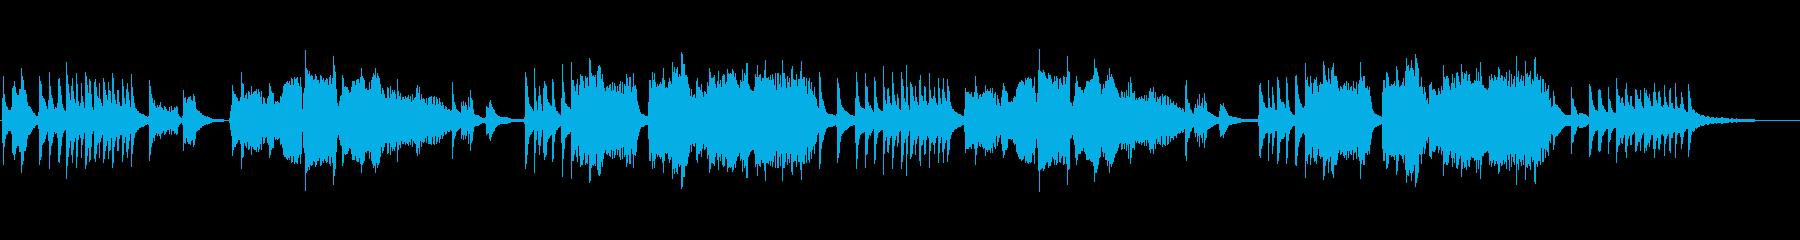 琴と笛による雅楽調の和風曲の再生済みの波形